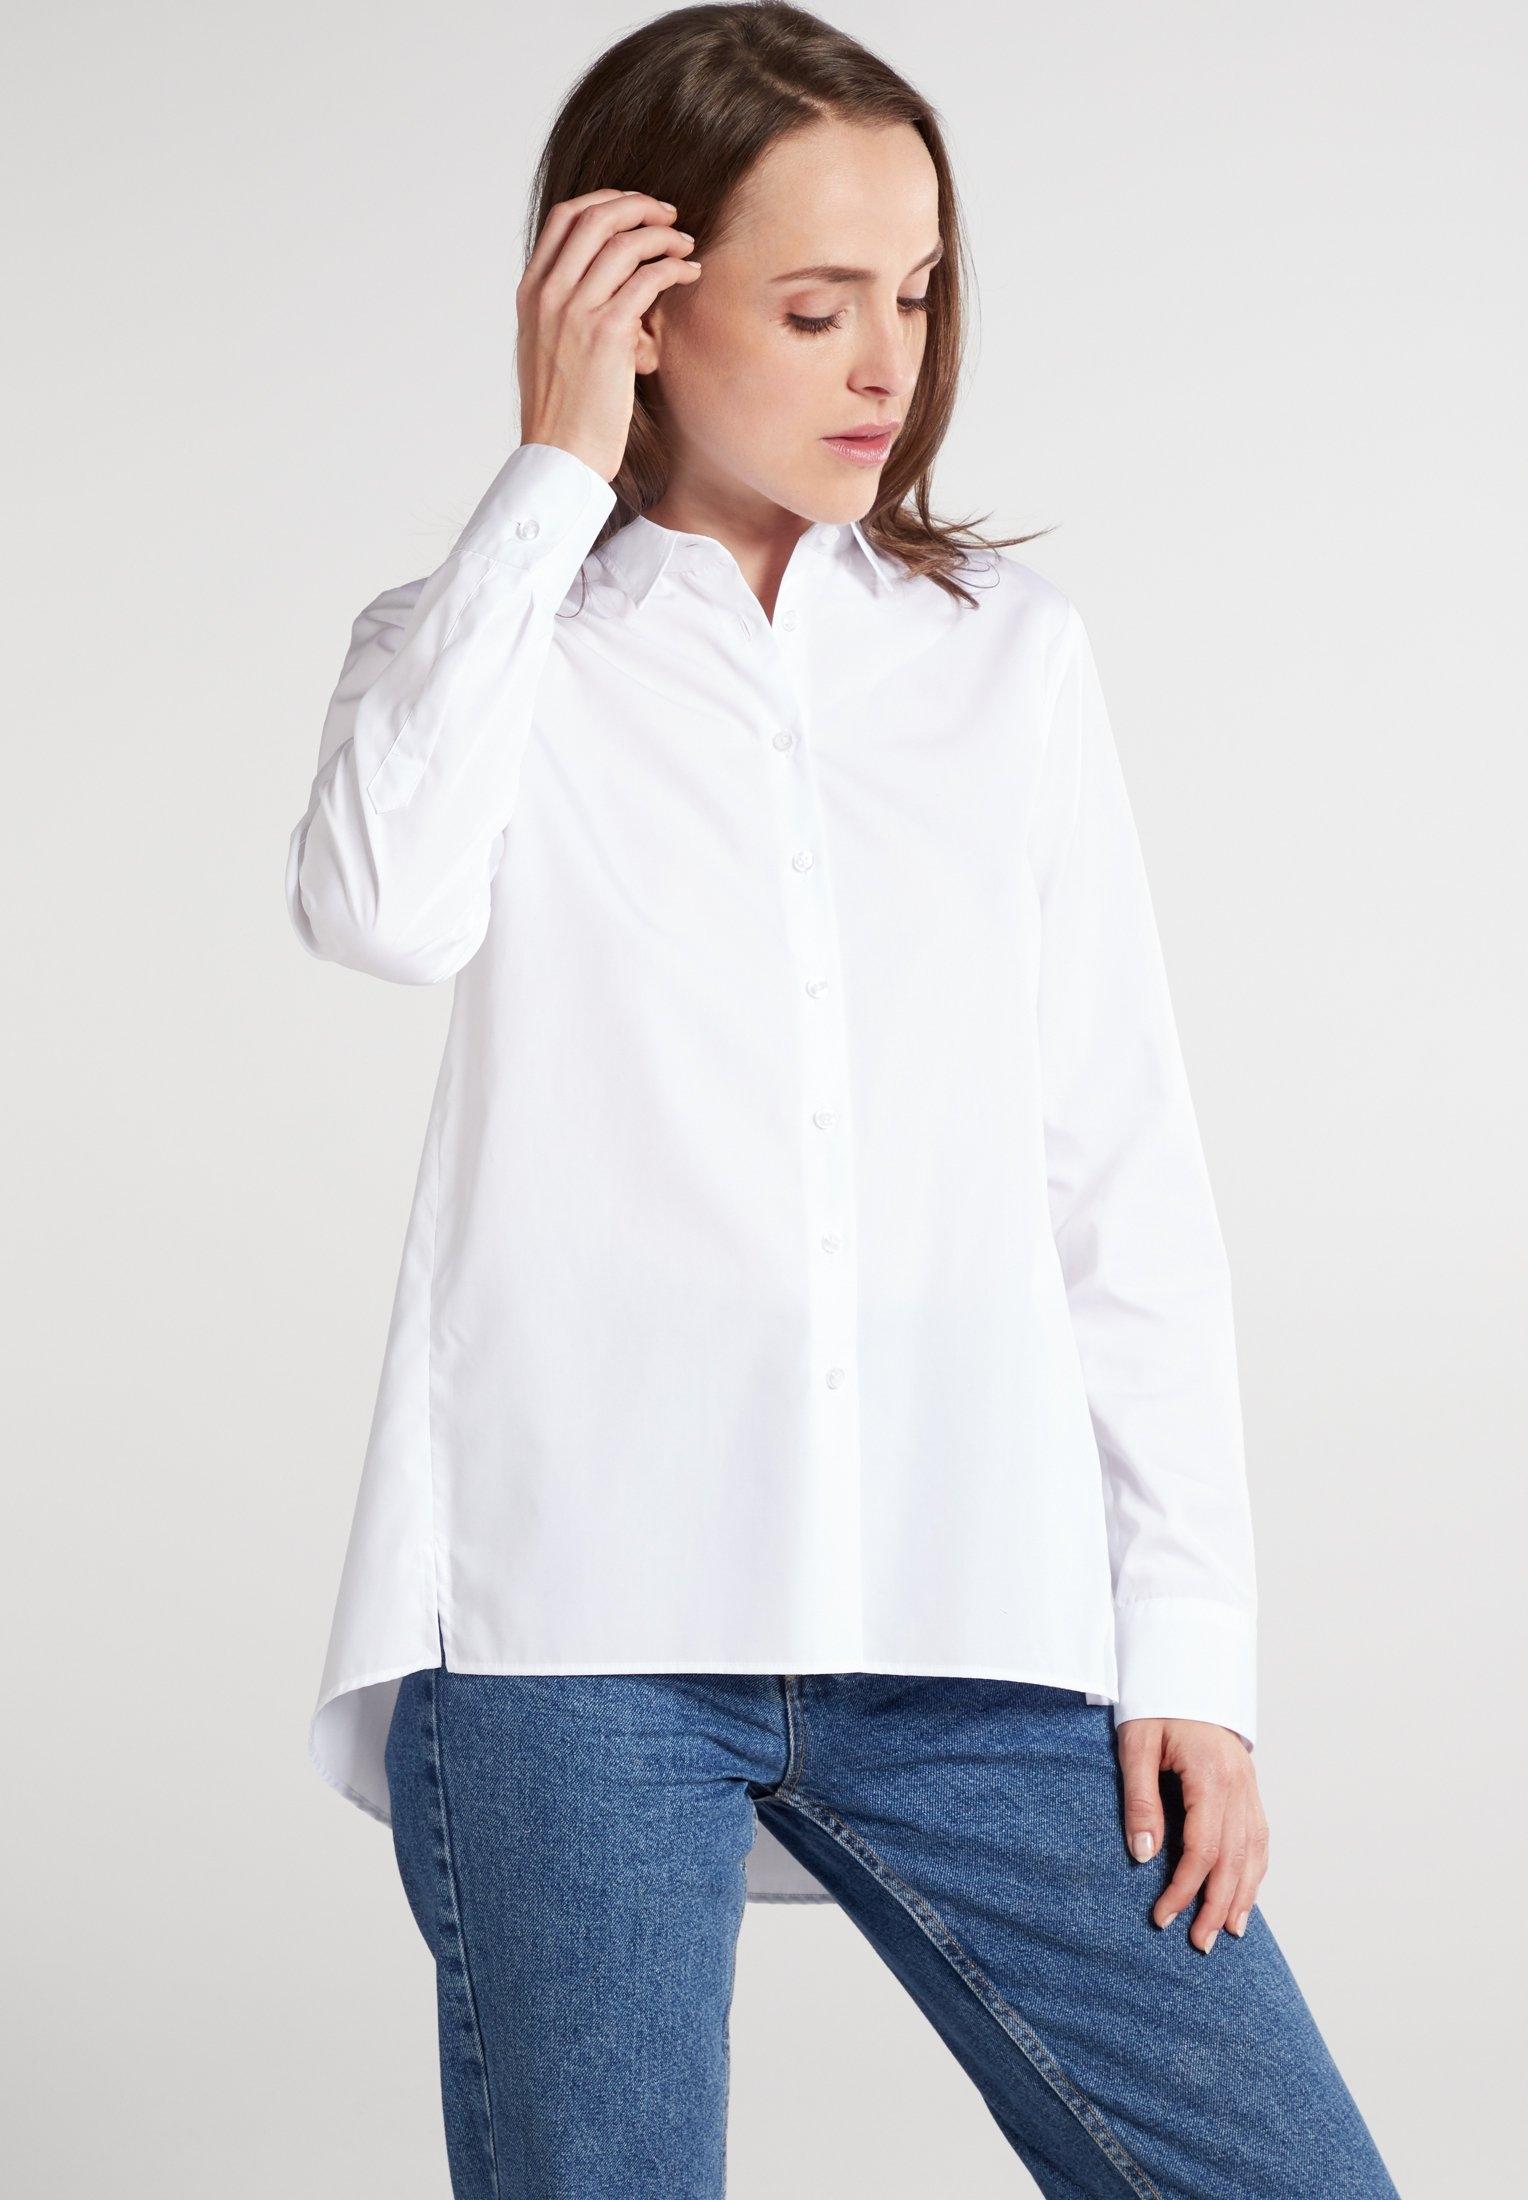 Eterna blouse met lange mouwen MODERN CLASSIC Lange mouwen voordelig en veilig online kopen